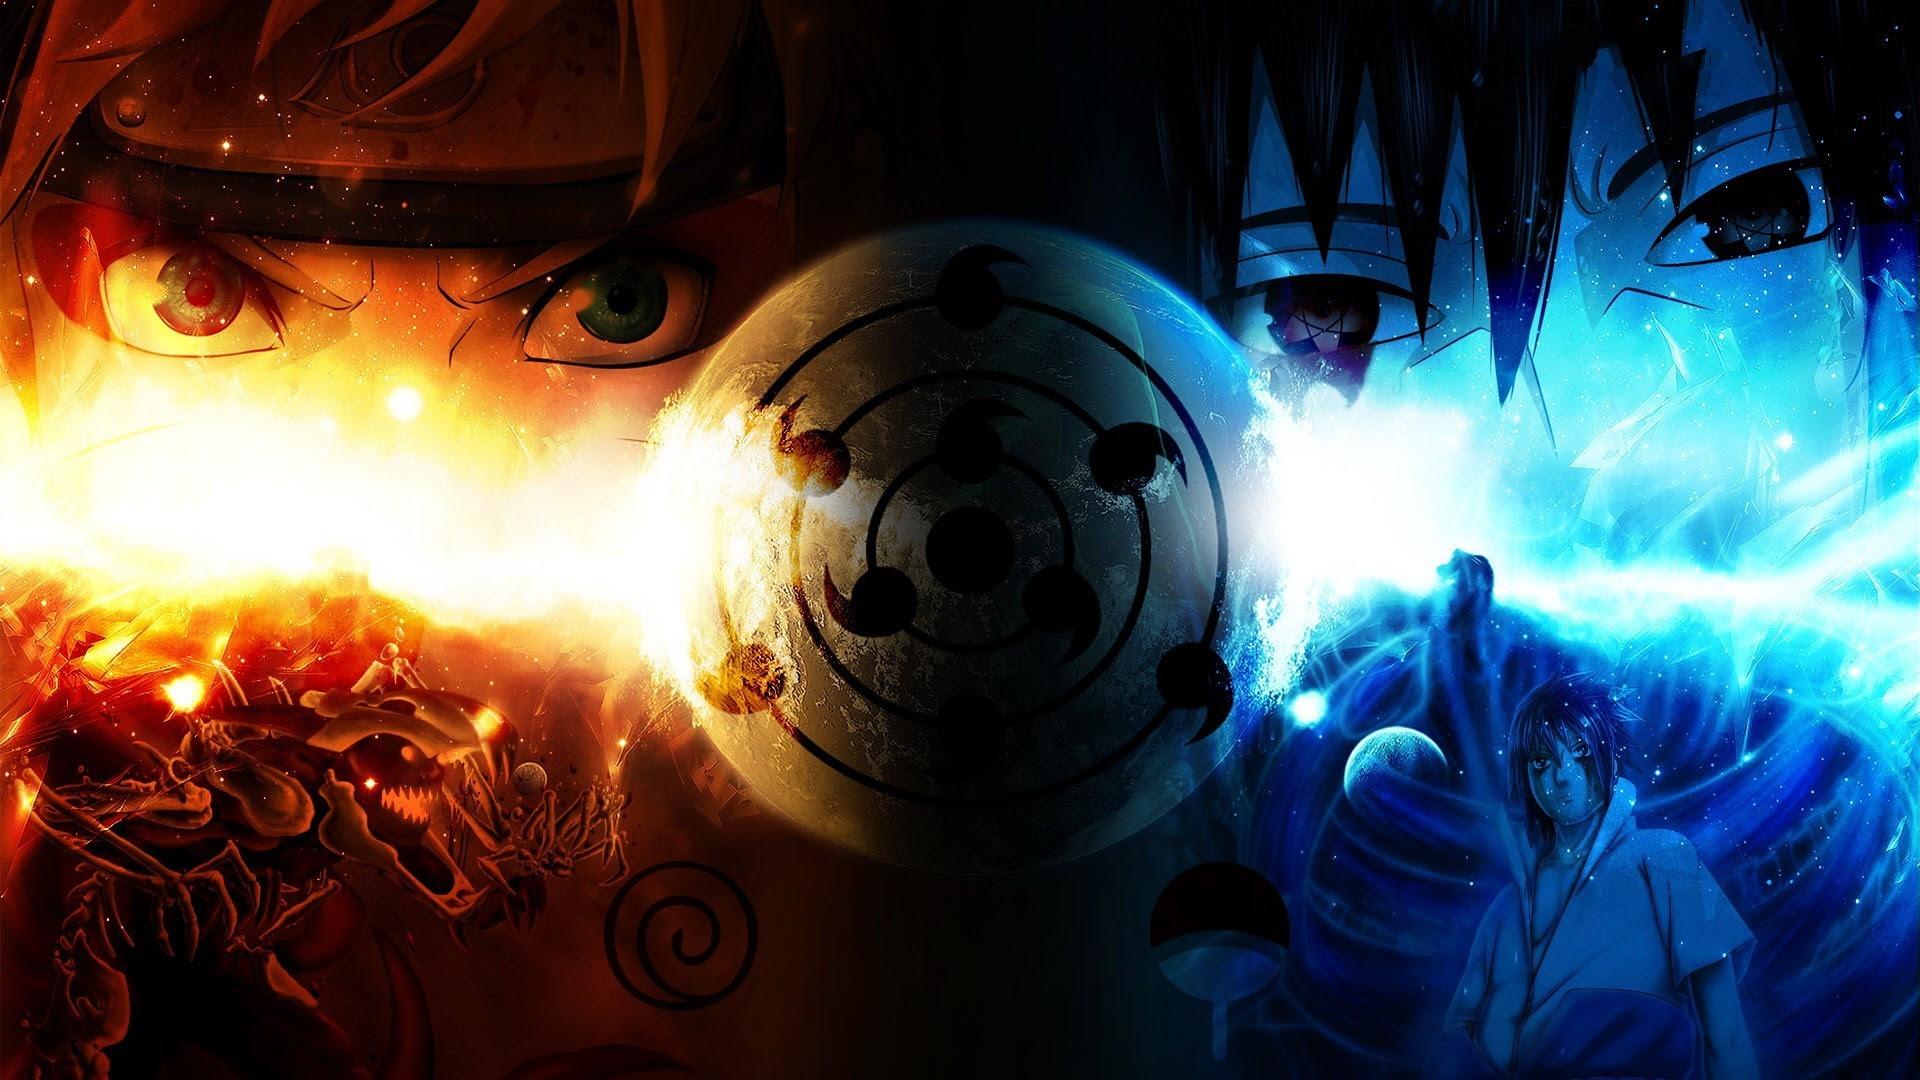 78+ Gambar Naruto Hd Wallpaper Paling Bagus